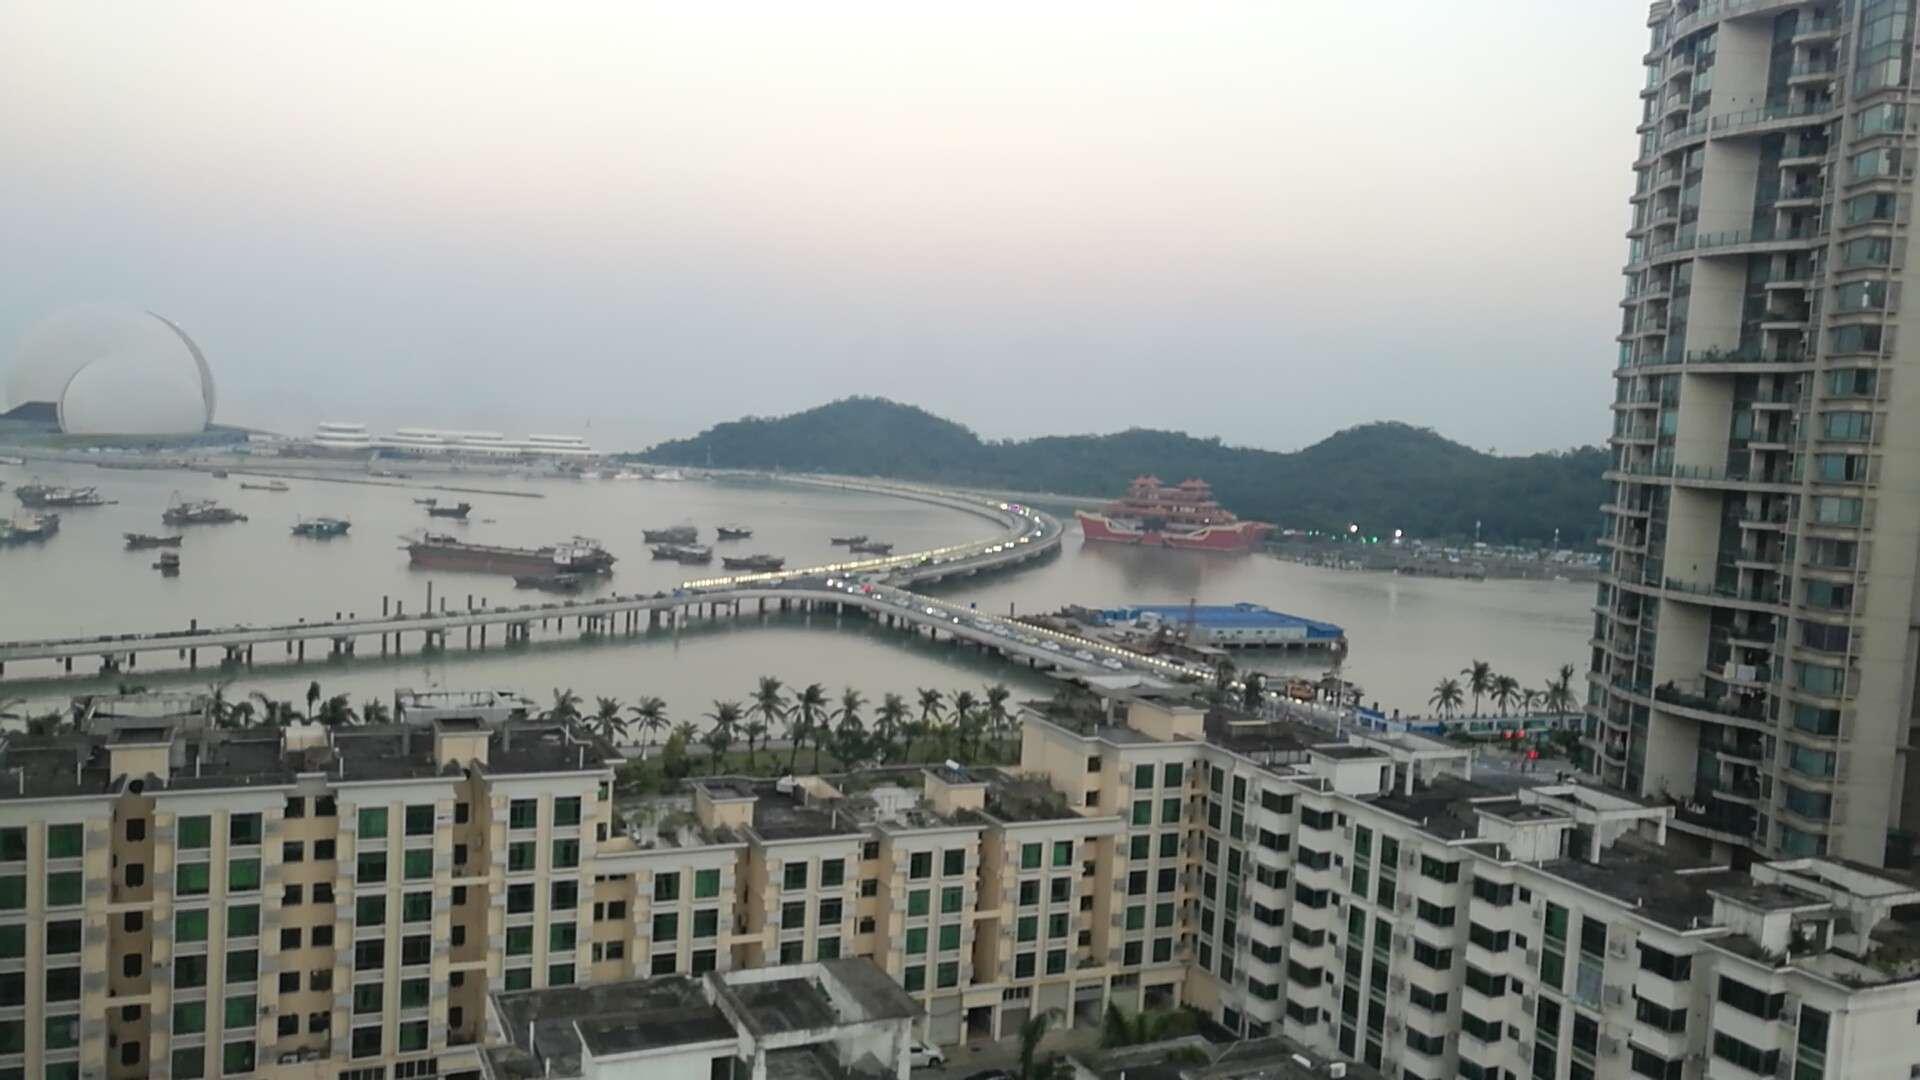 同程首页 全国酒店 珠海酒店 香洲区酒店 珠海海景酒店  推荐 发表